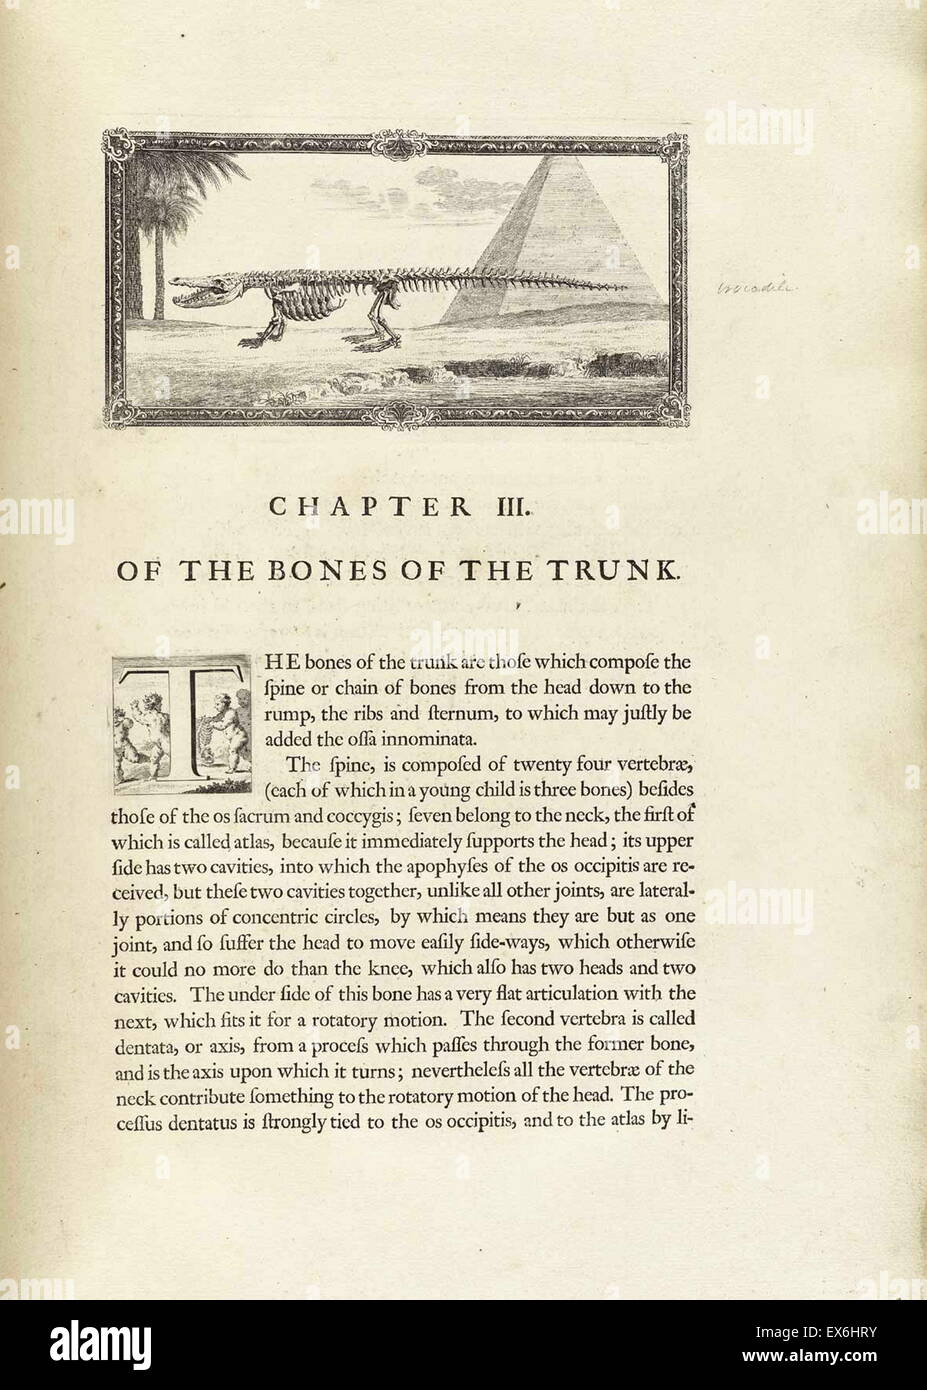 Dibujo anatómico de un cocodrilo por William Cheselden en ...